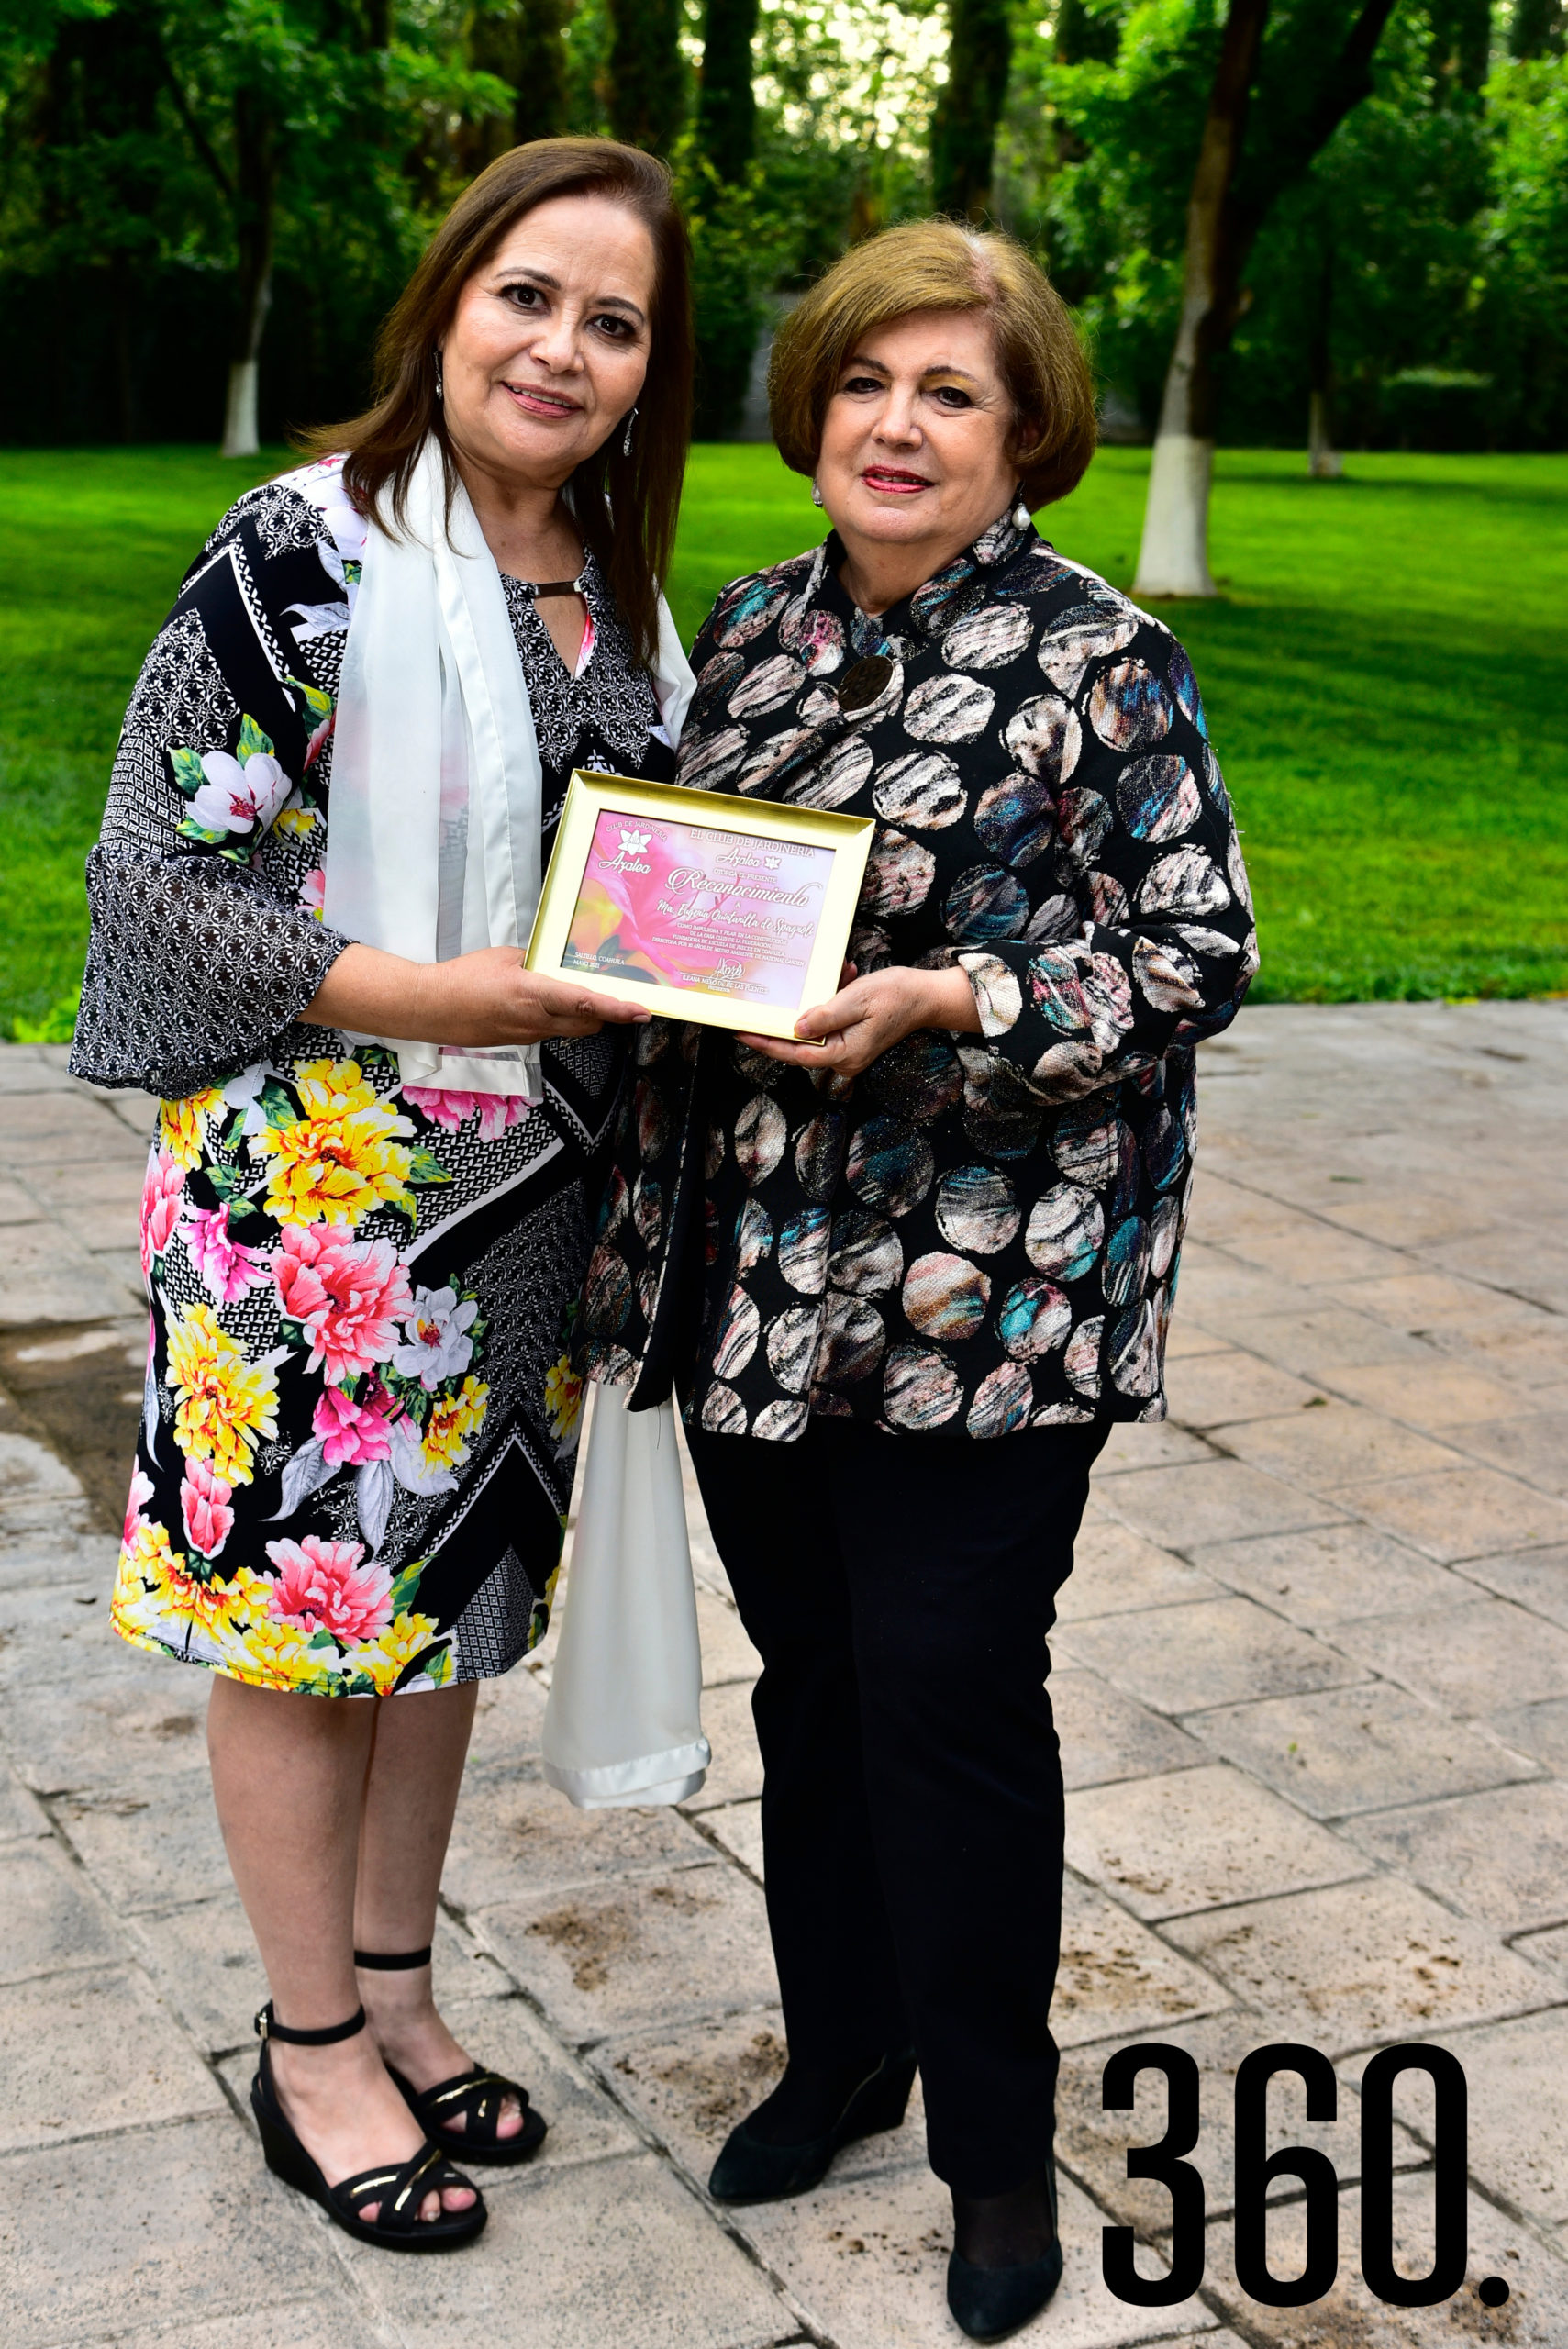 Lili Melo de De las Fuentes entregando un reconocimiento a María Eugenia Quintanilla de Spagnoli.